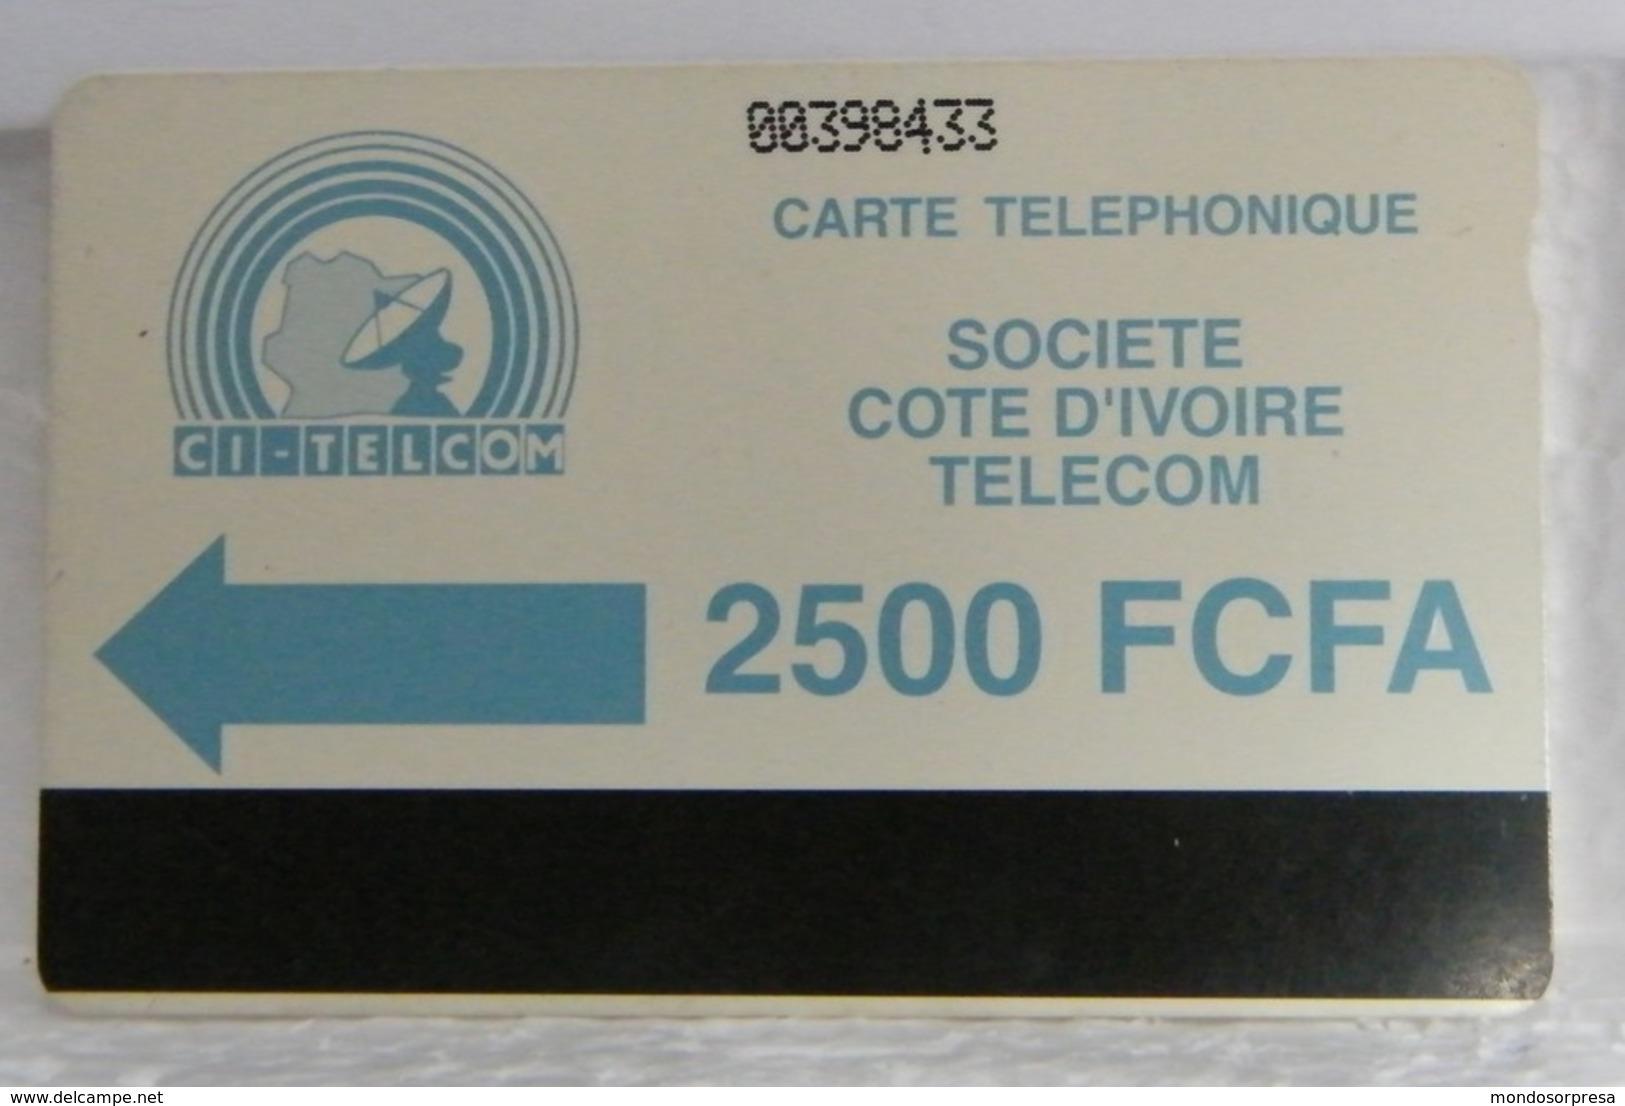 SCHEDE TELEFONICHE, COSTA D' AVORIO,  00398433 - Costa D'Avorio